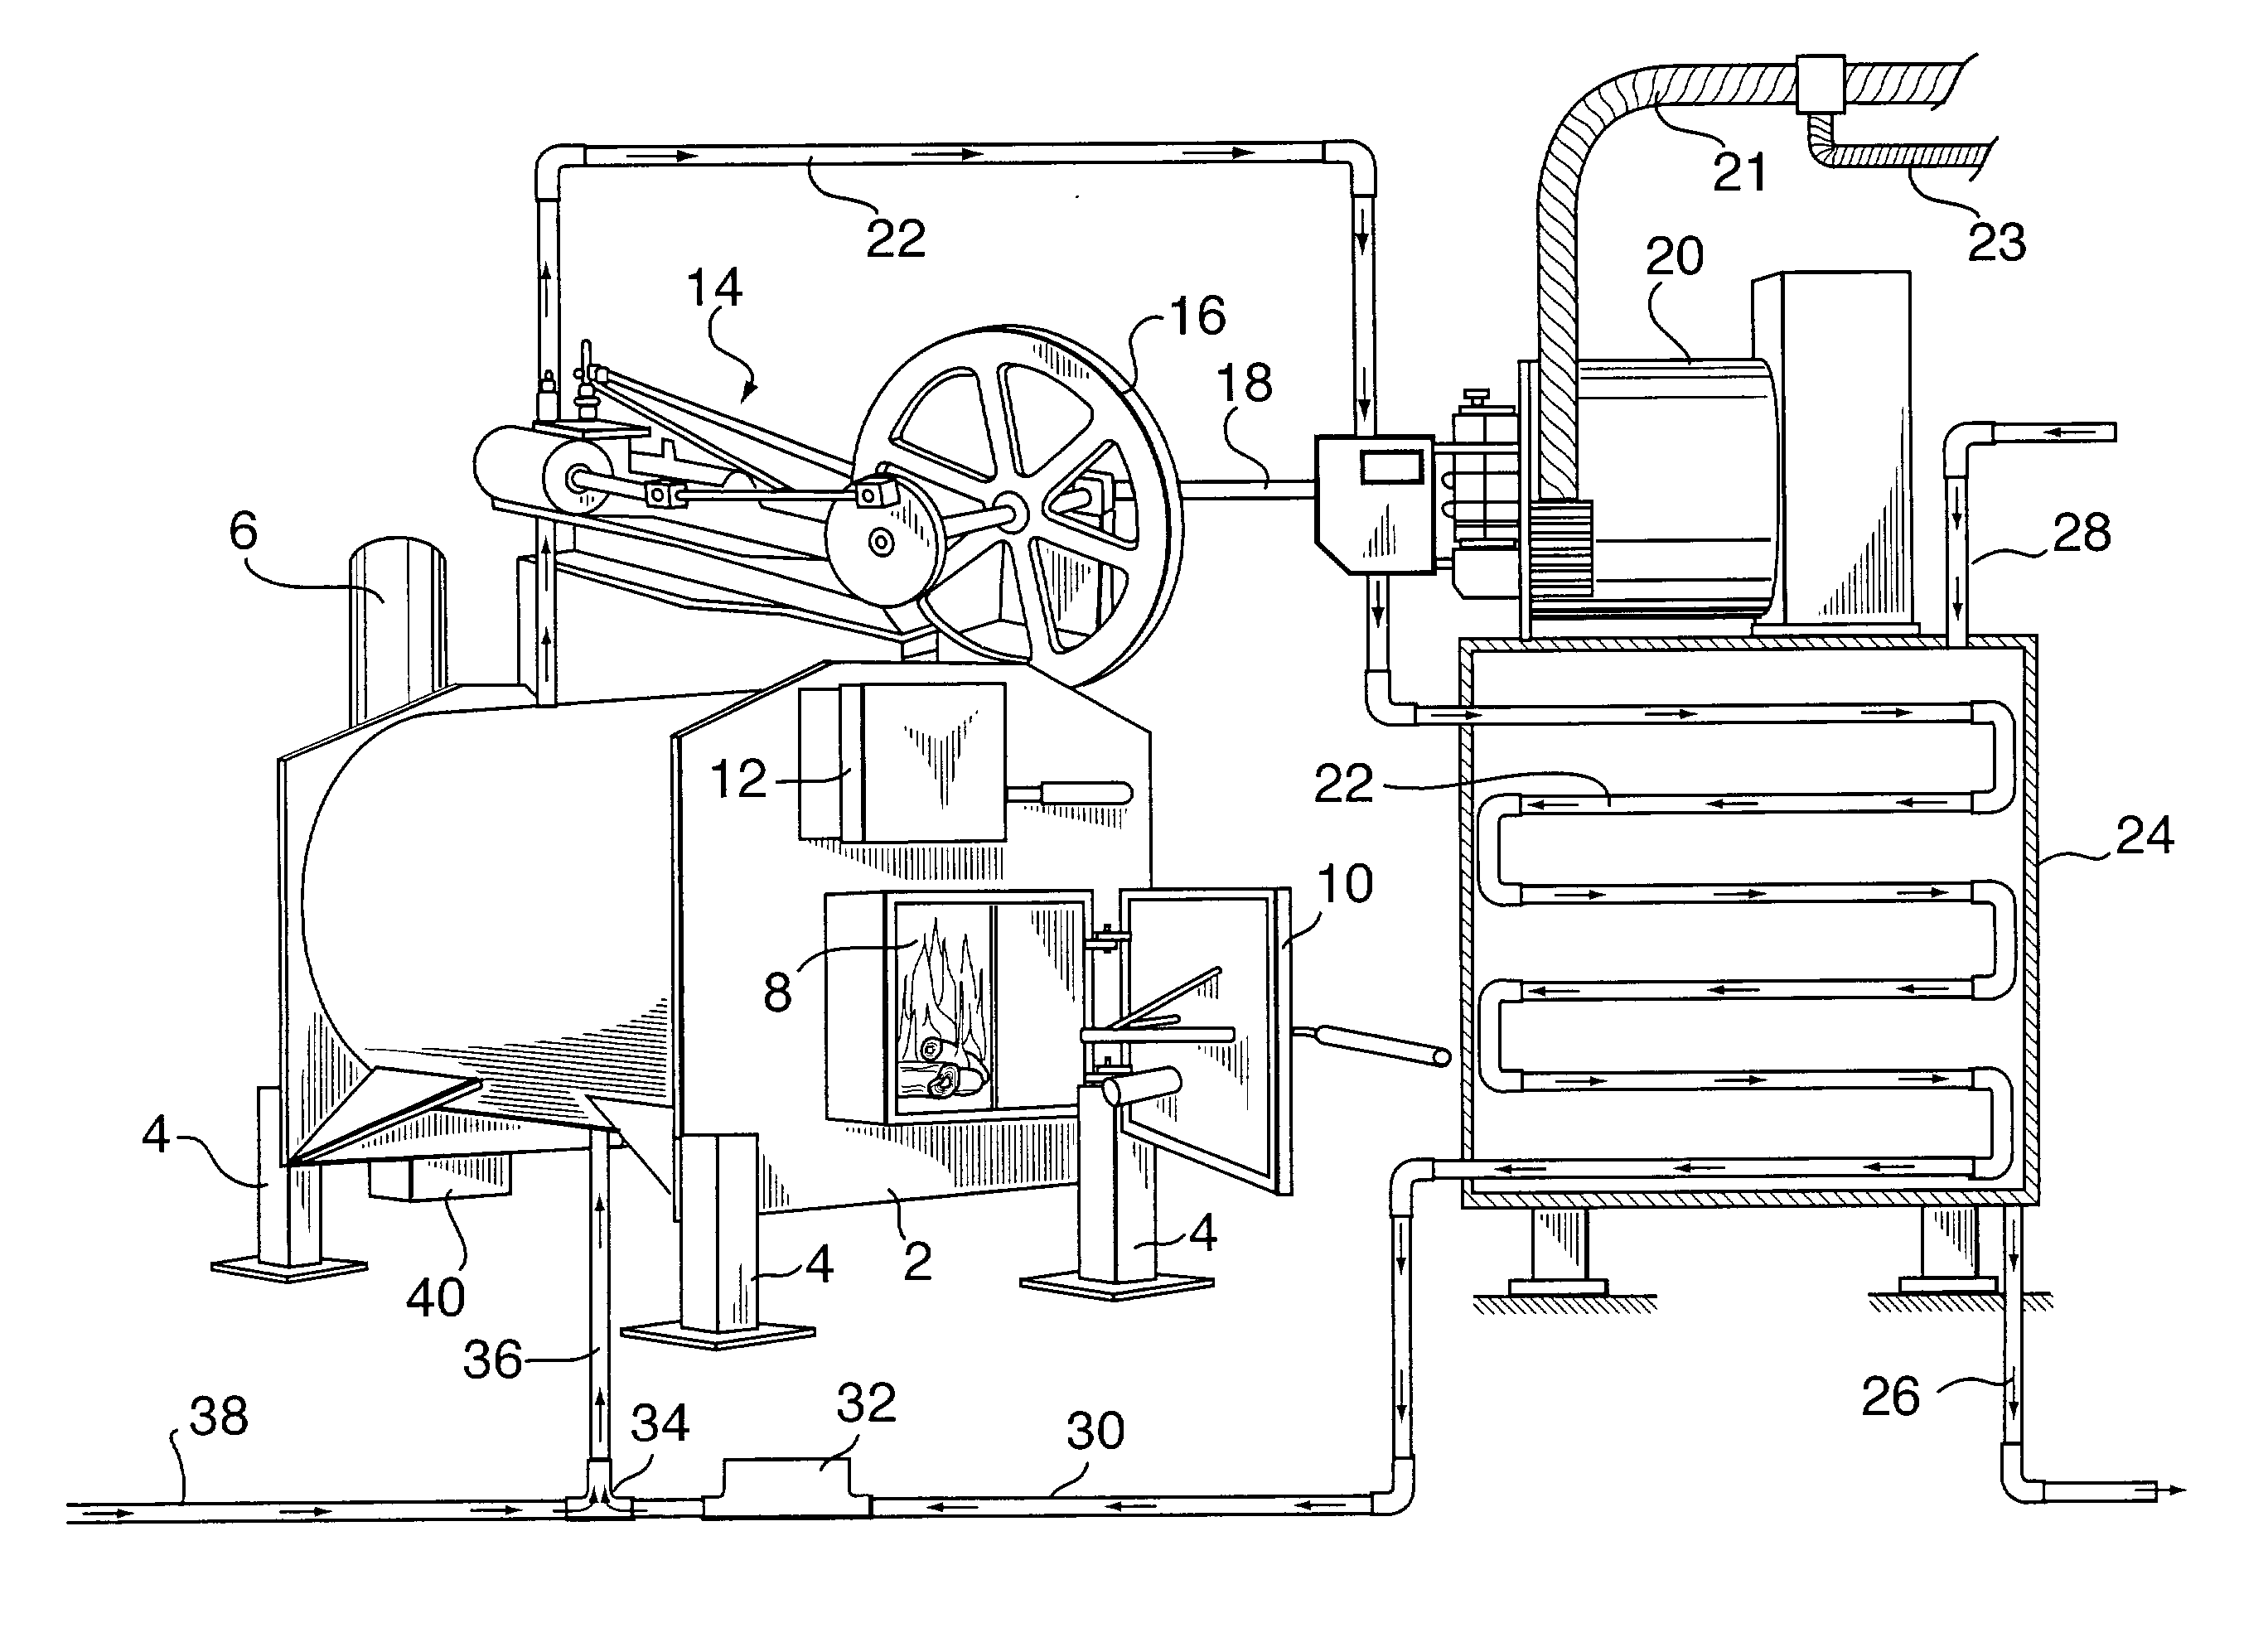 patent us20030005700